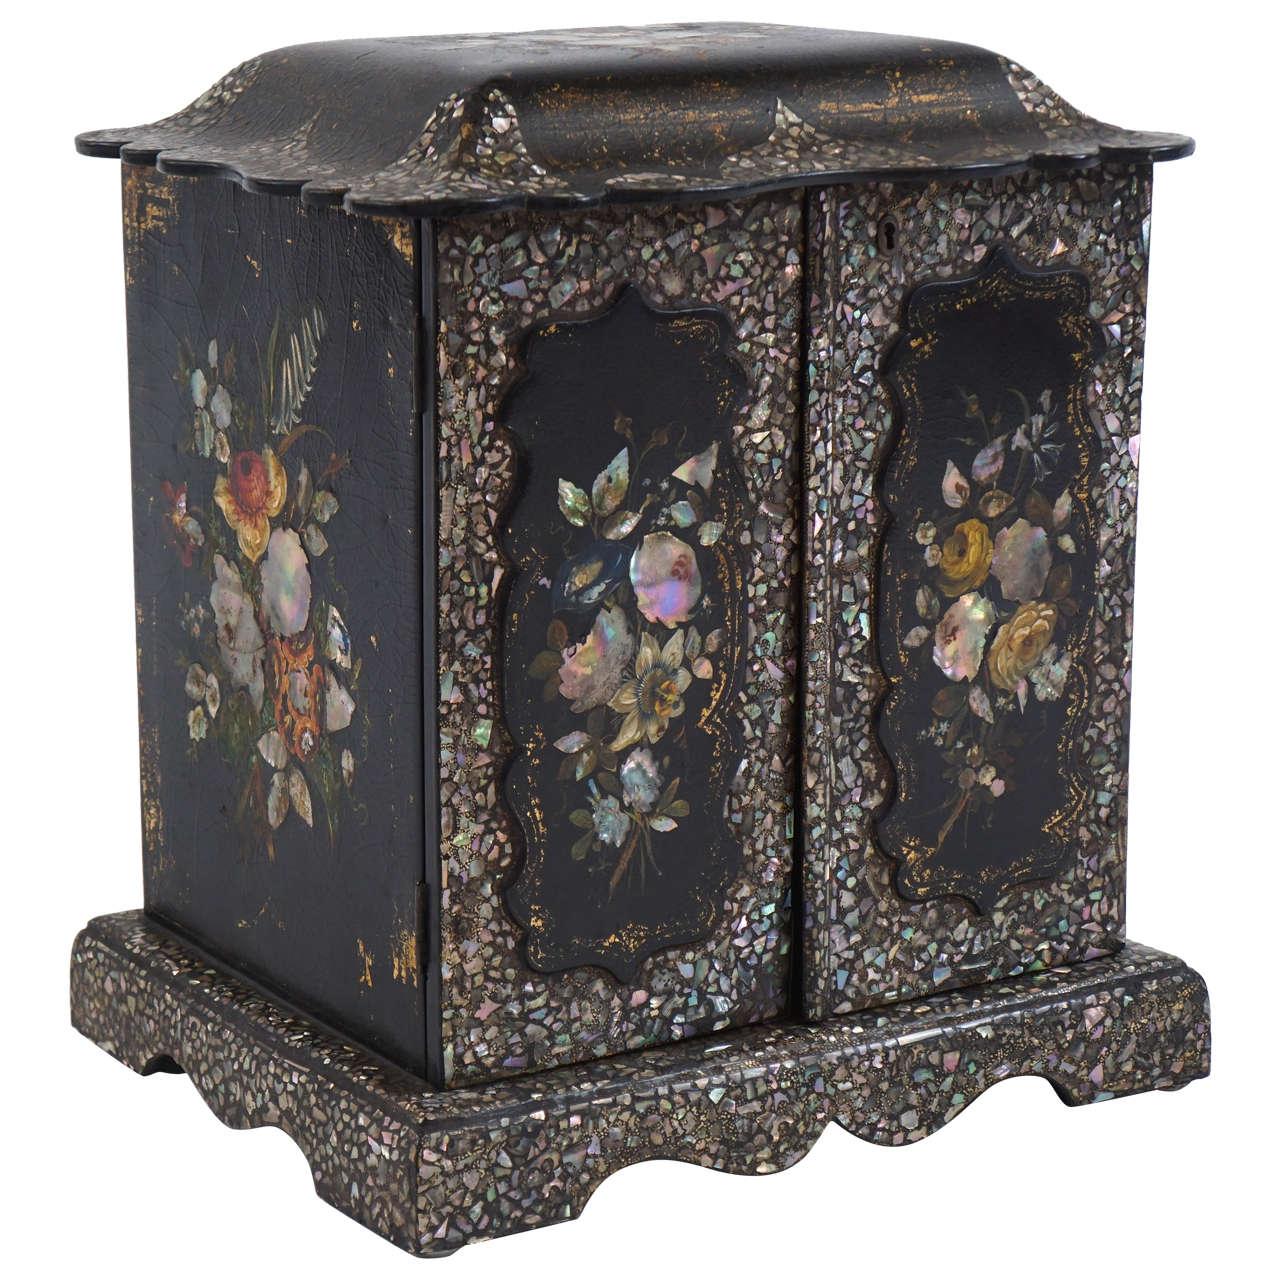 Unique Mother Of Pearl Cabinet: Papier-Mâché And Mother-of-Pearl Table Cabinet, England